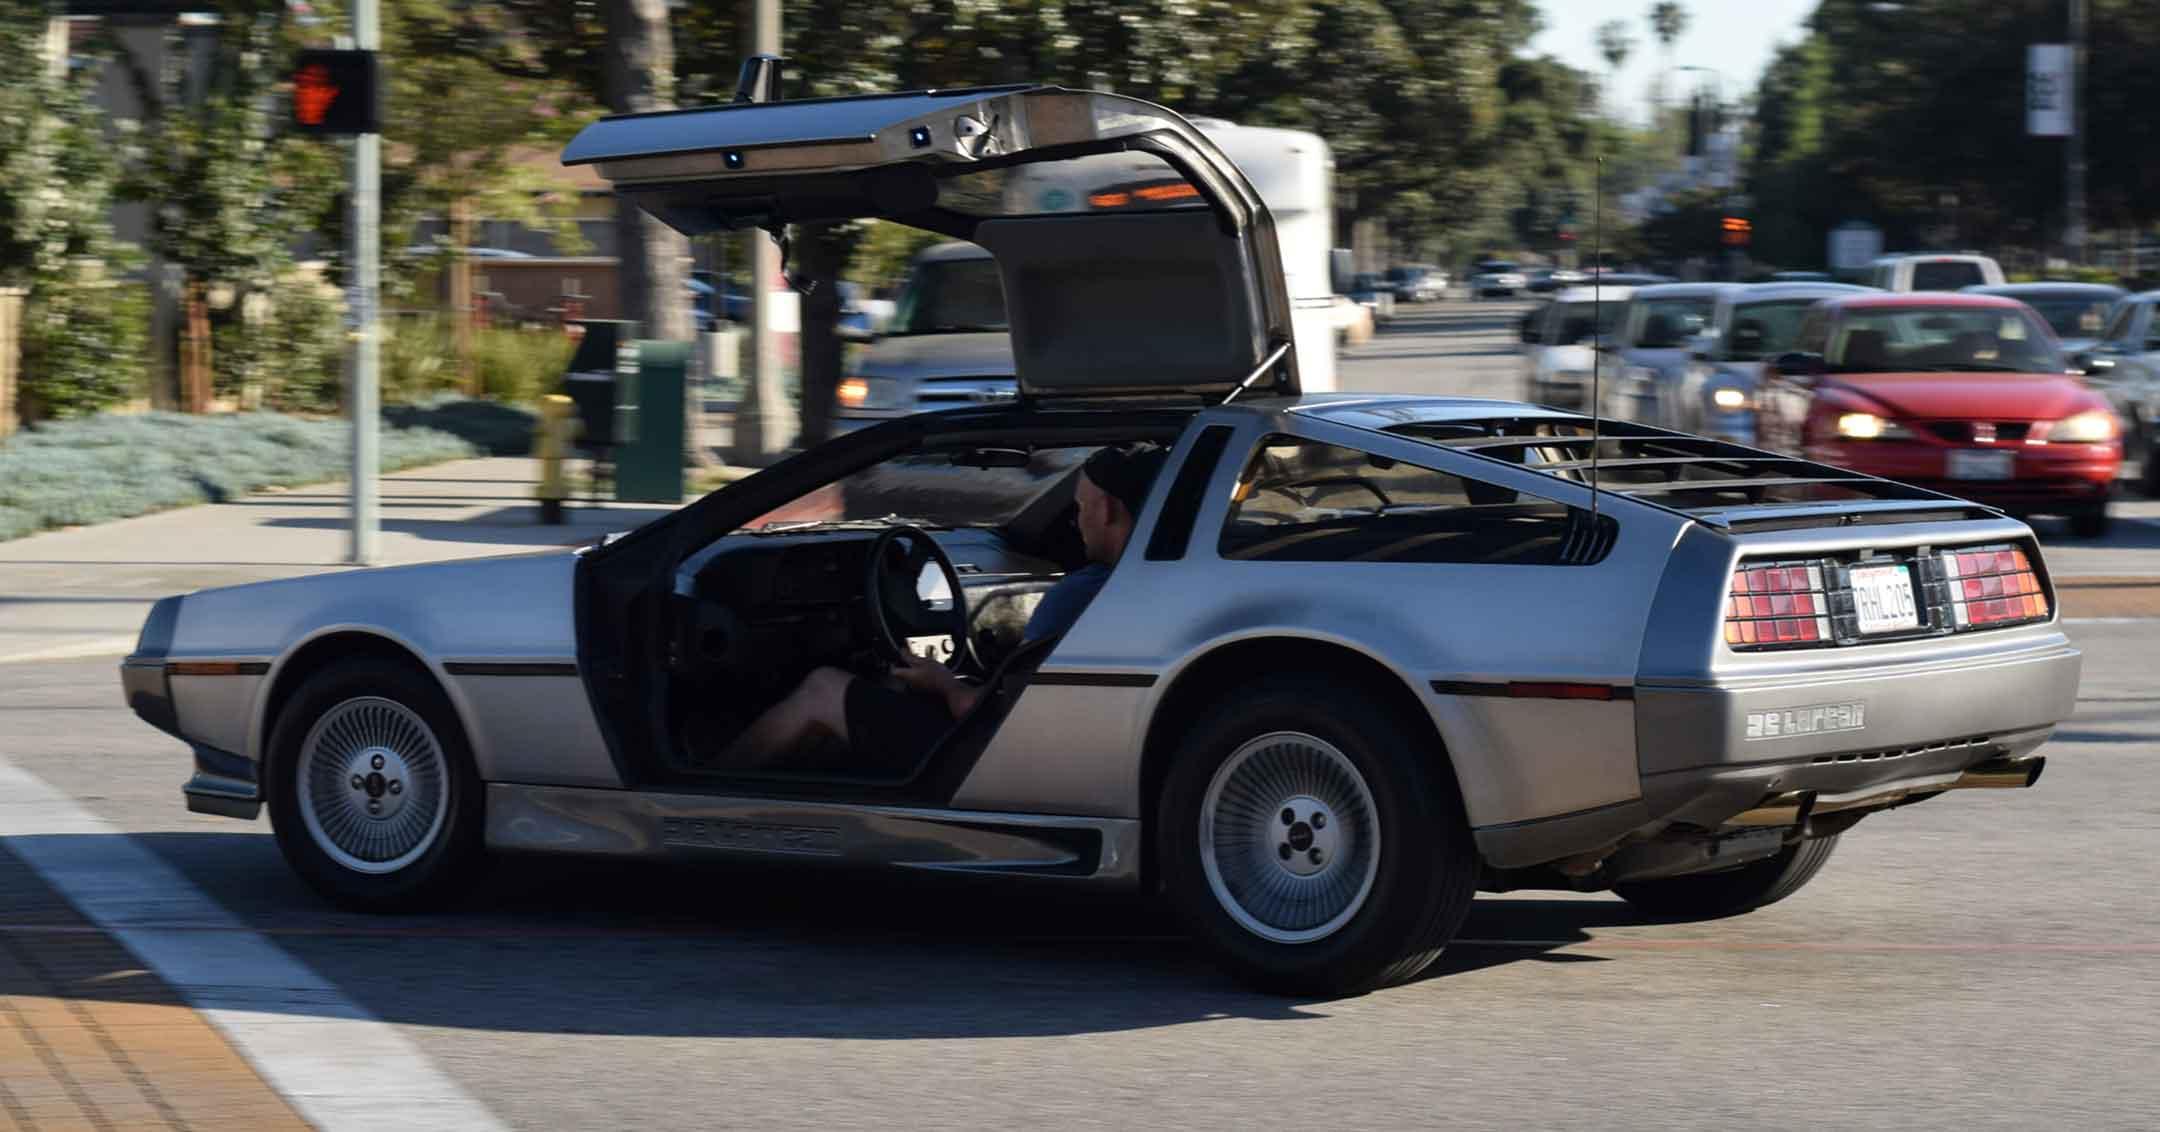 SCEDT26TXBD002118 | DeLoreanDirectory.com